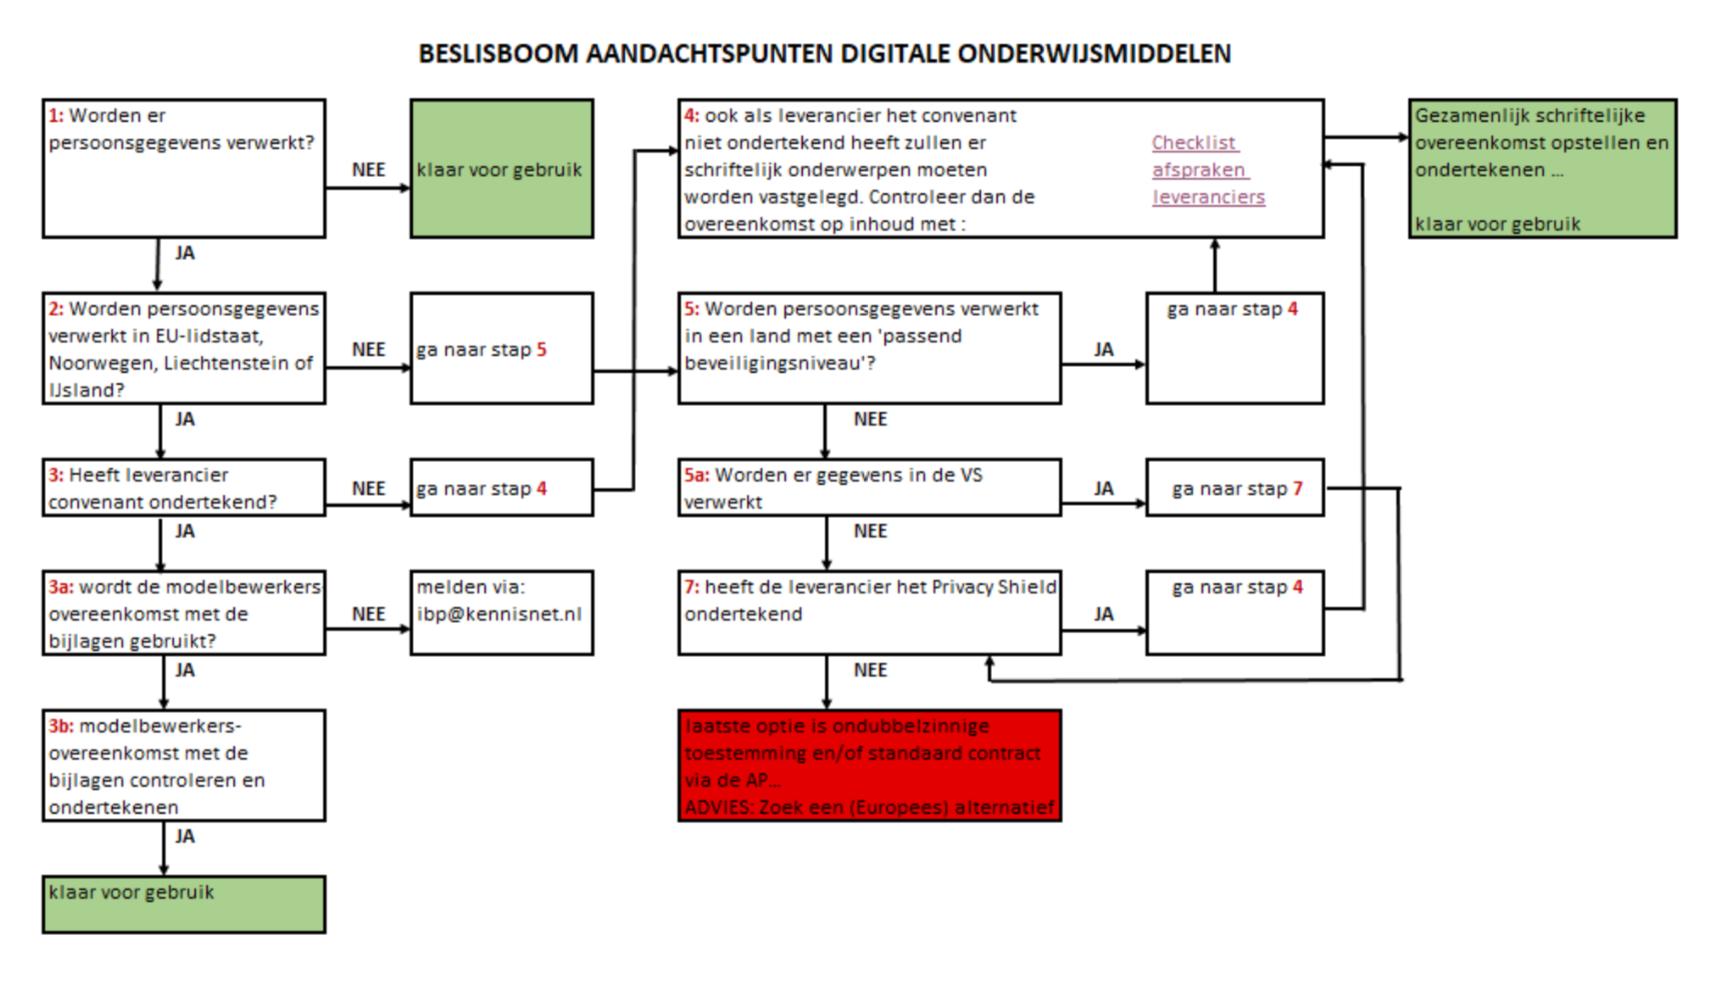 Checklist digitale onderwijsmiddelen